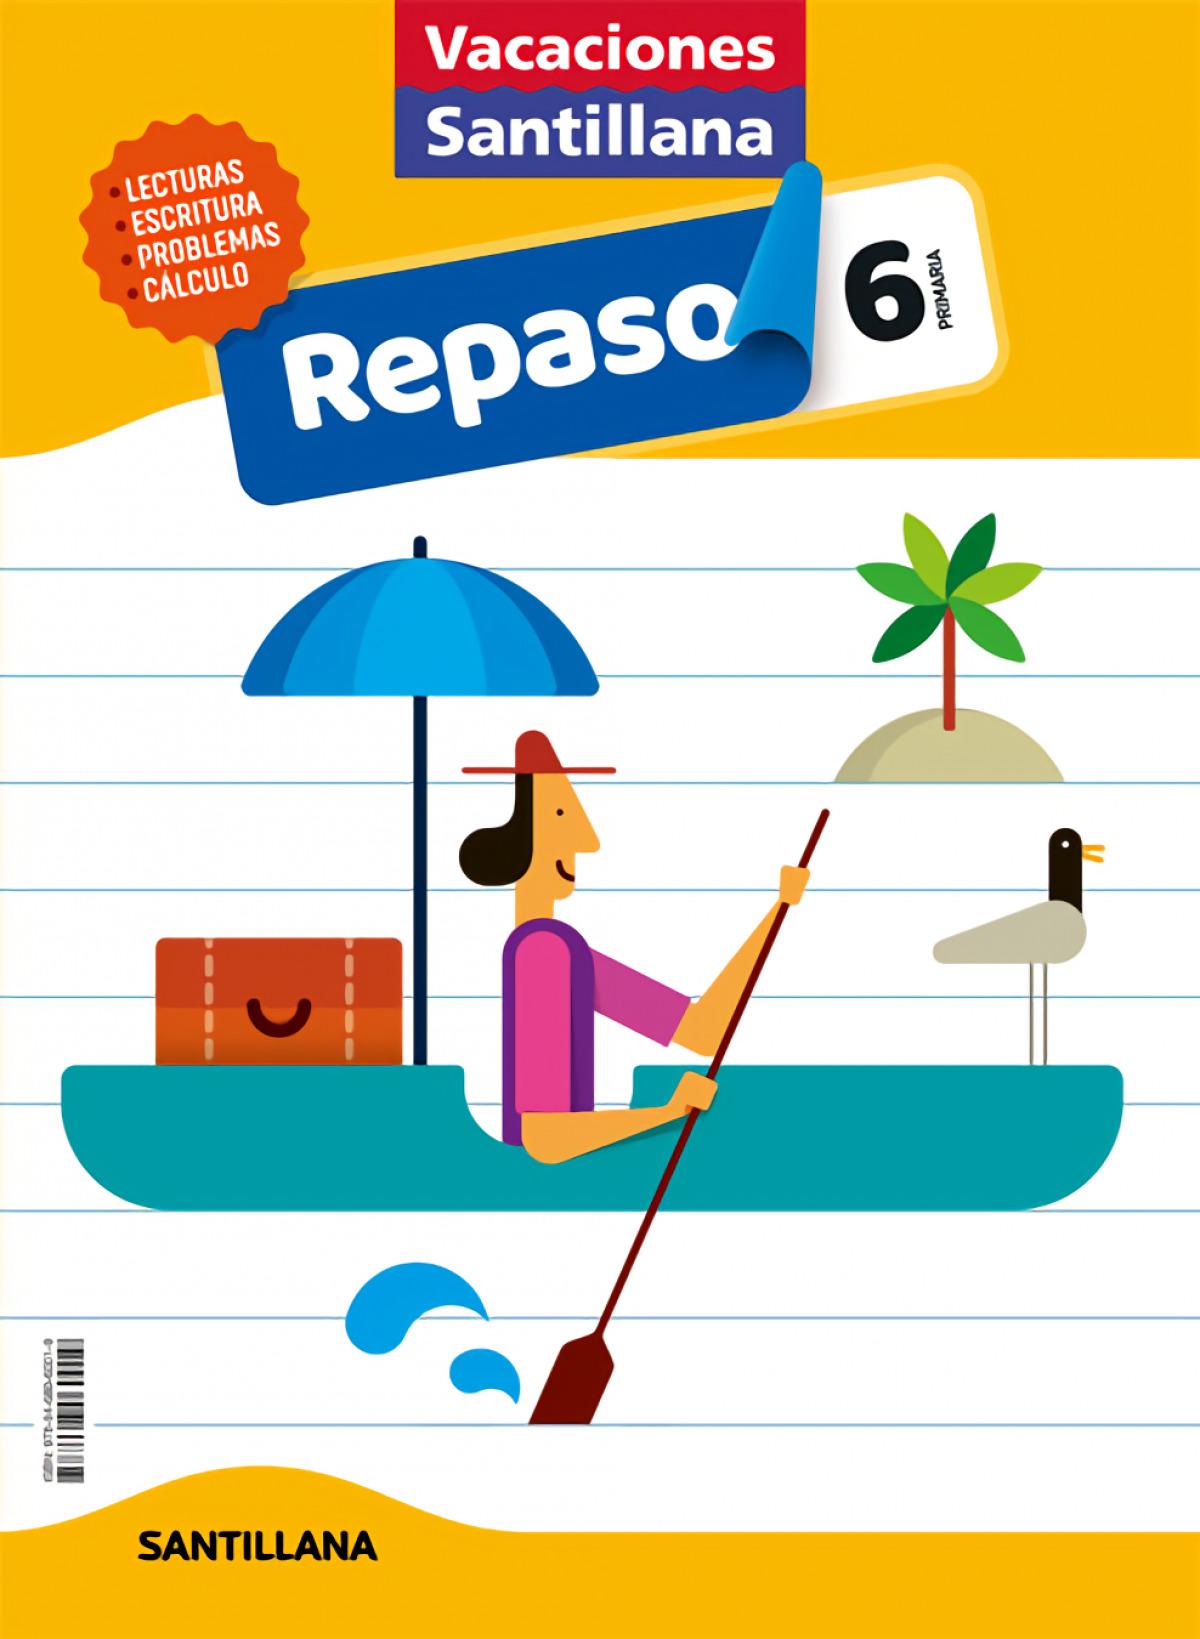 VACACIONES REPASO 6º PRIMARIA